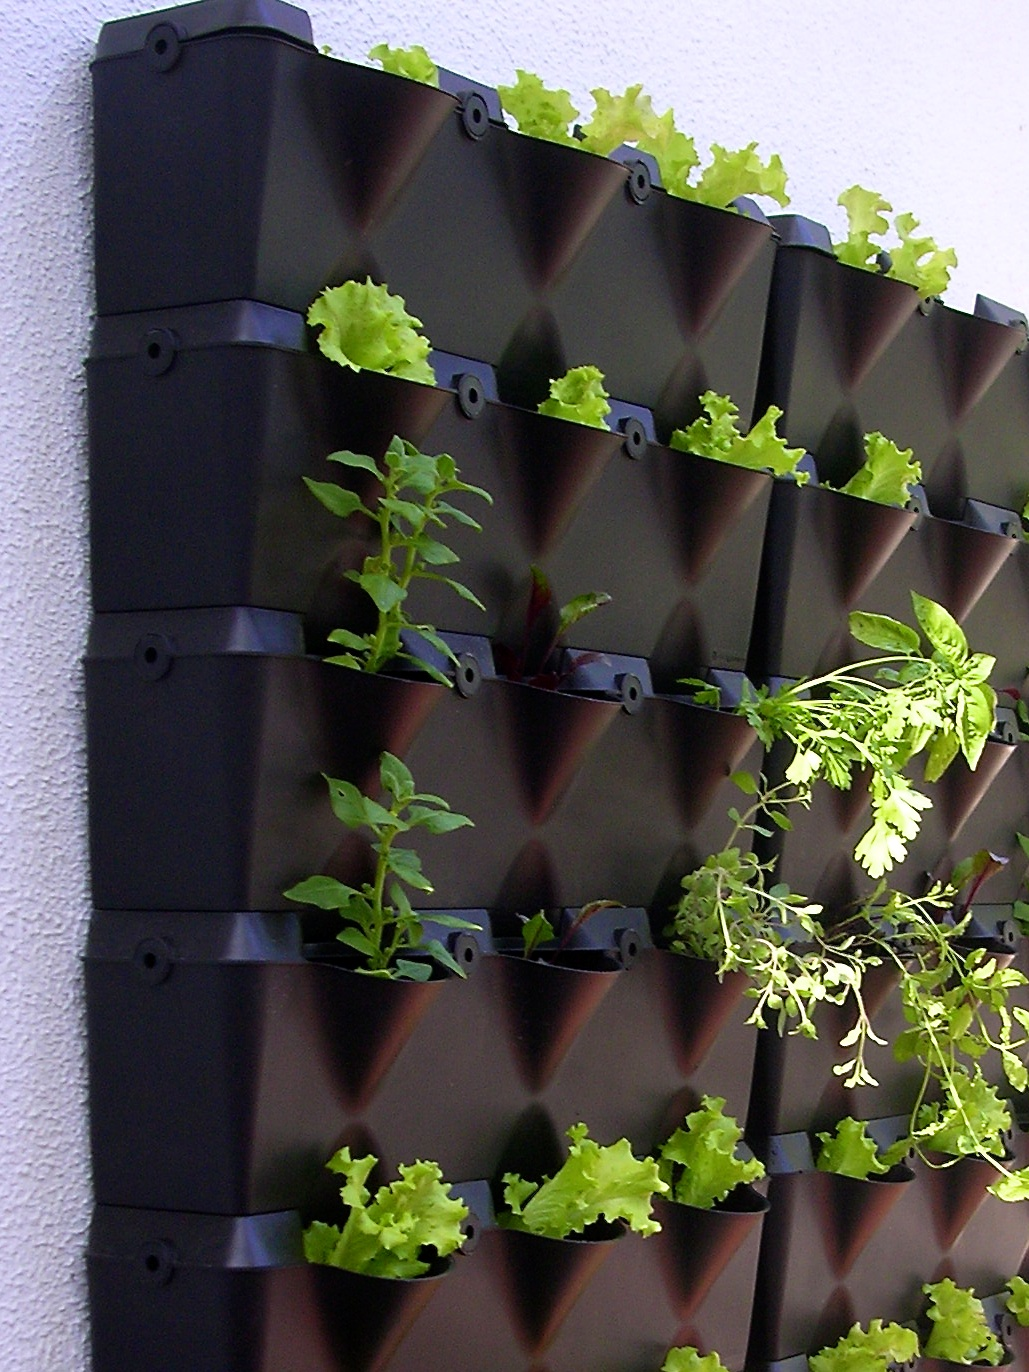 jardim vertical ribeirao preto:Horta em residência particular  #49631F 1029x1372 Banheiro Com Jardim Vertical